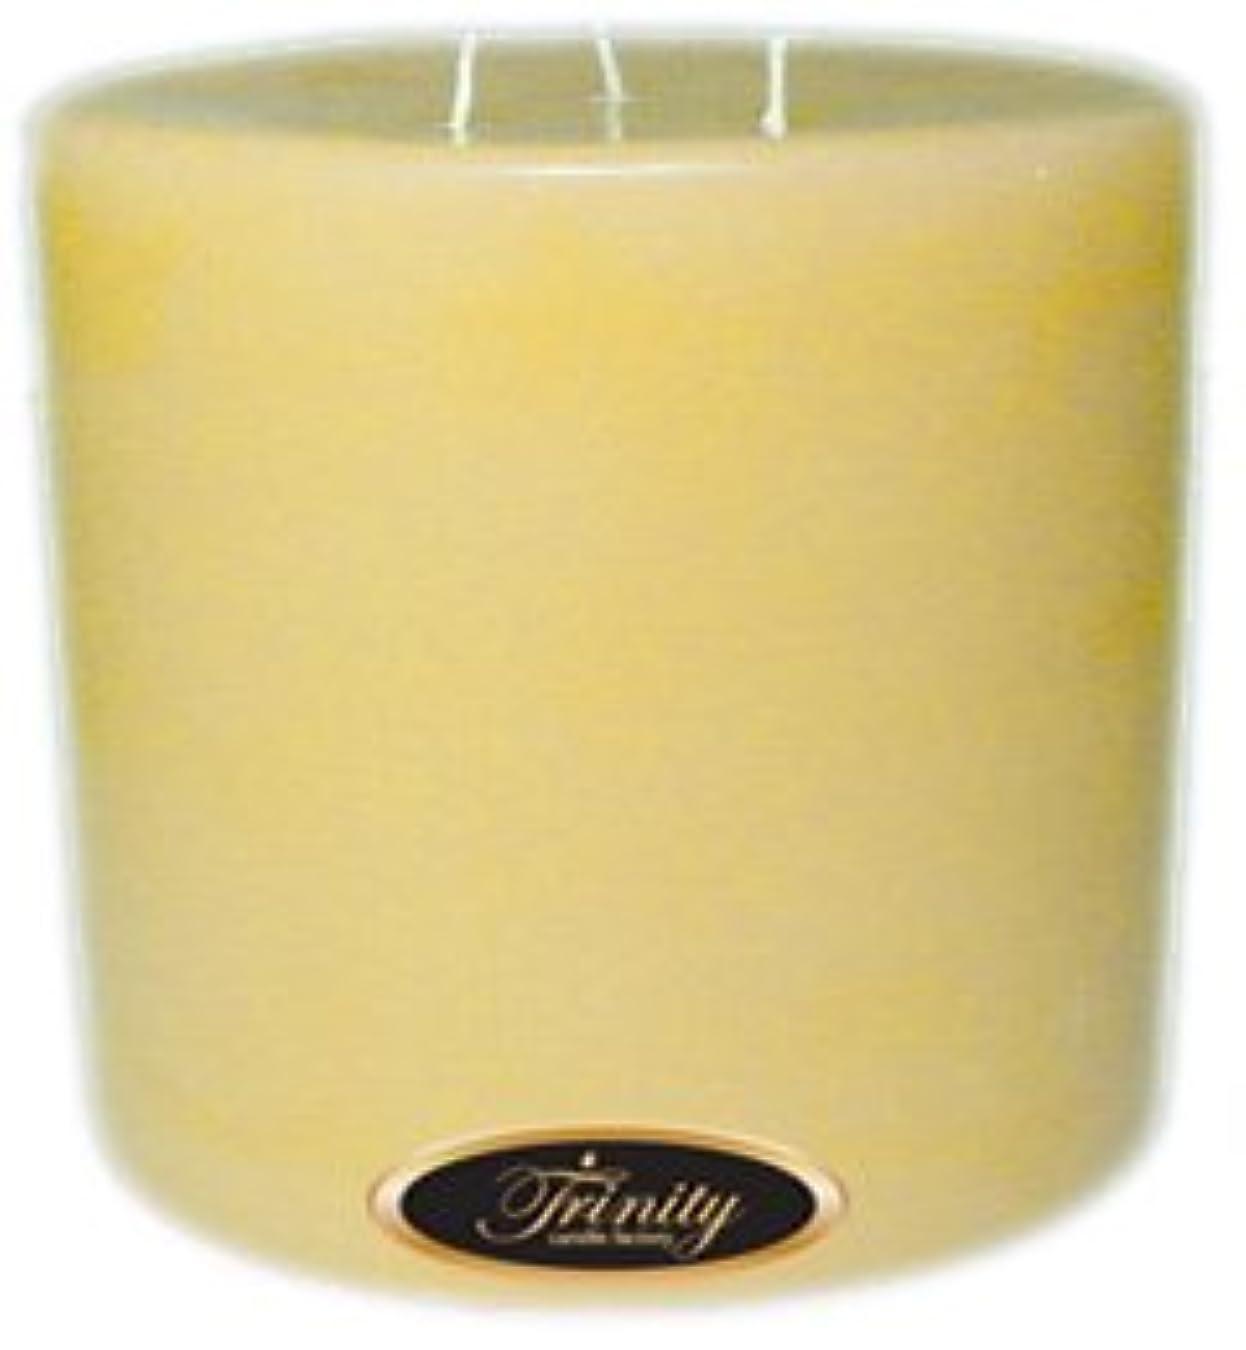 混乱したテレマコス味方Trinity Candle工場 – Almond Bark – Pillar Candle – 6 x 6